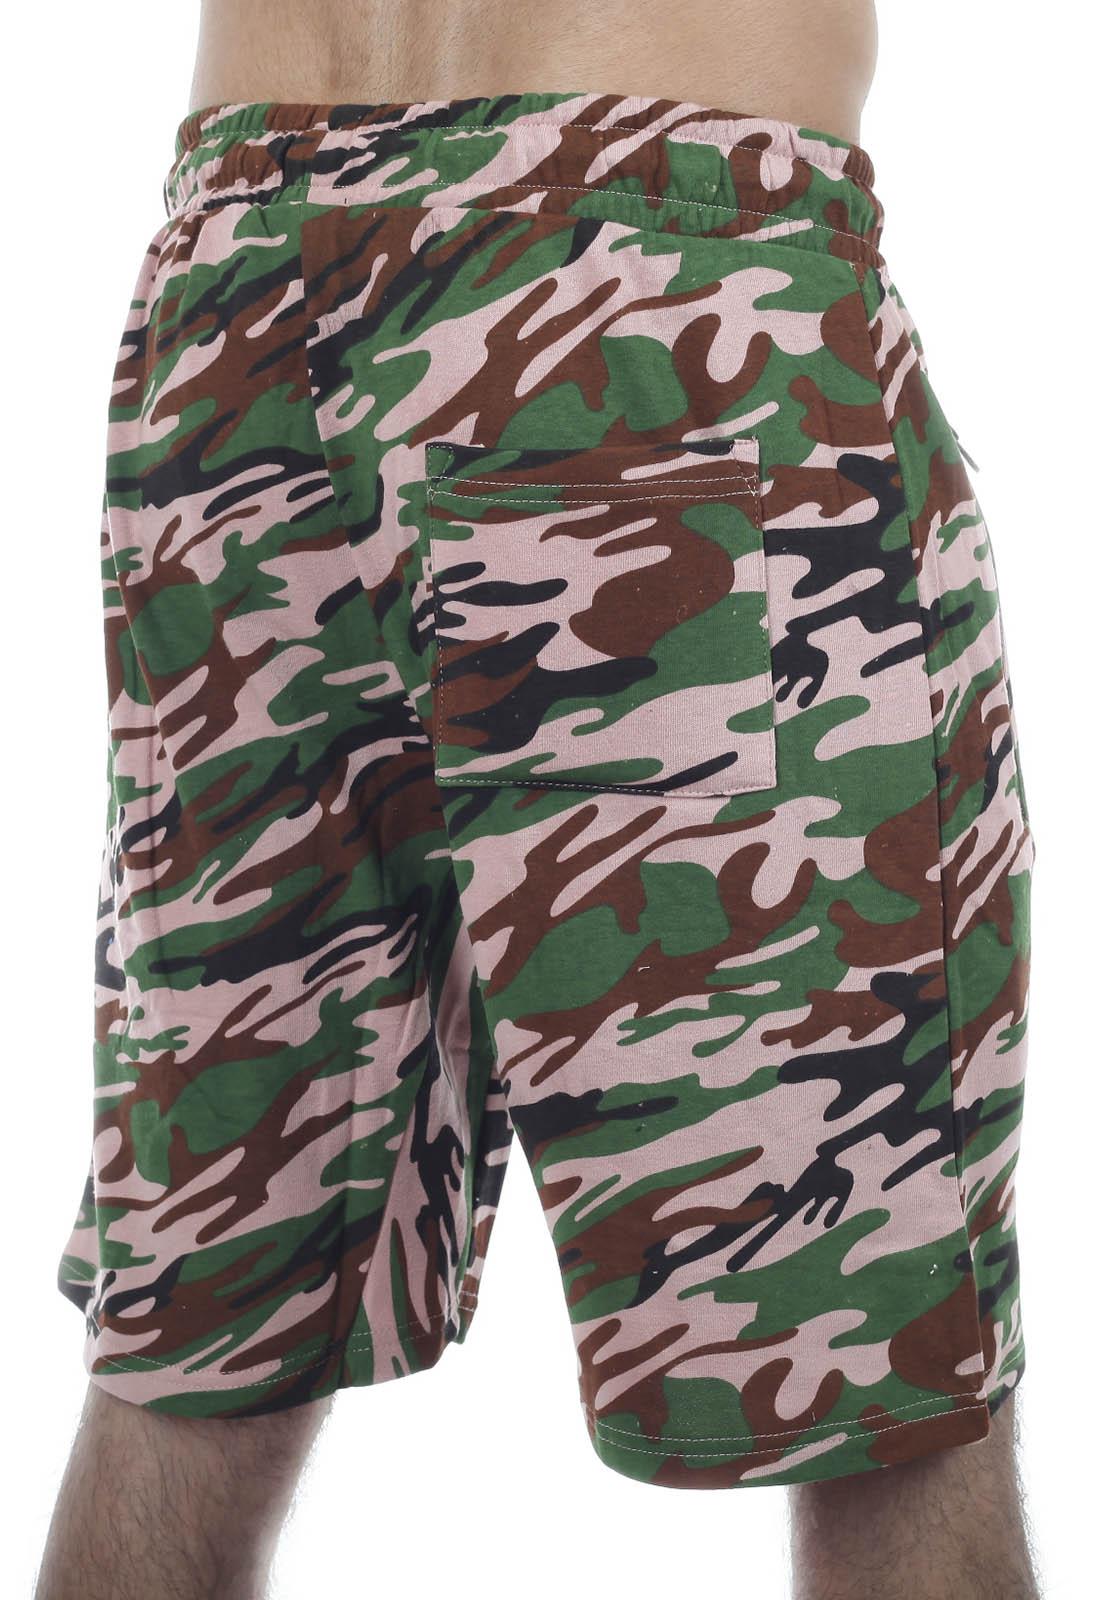 Заказать в интернет магазине мужские шорты на резинке